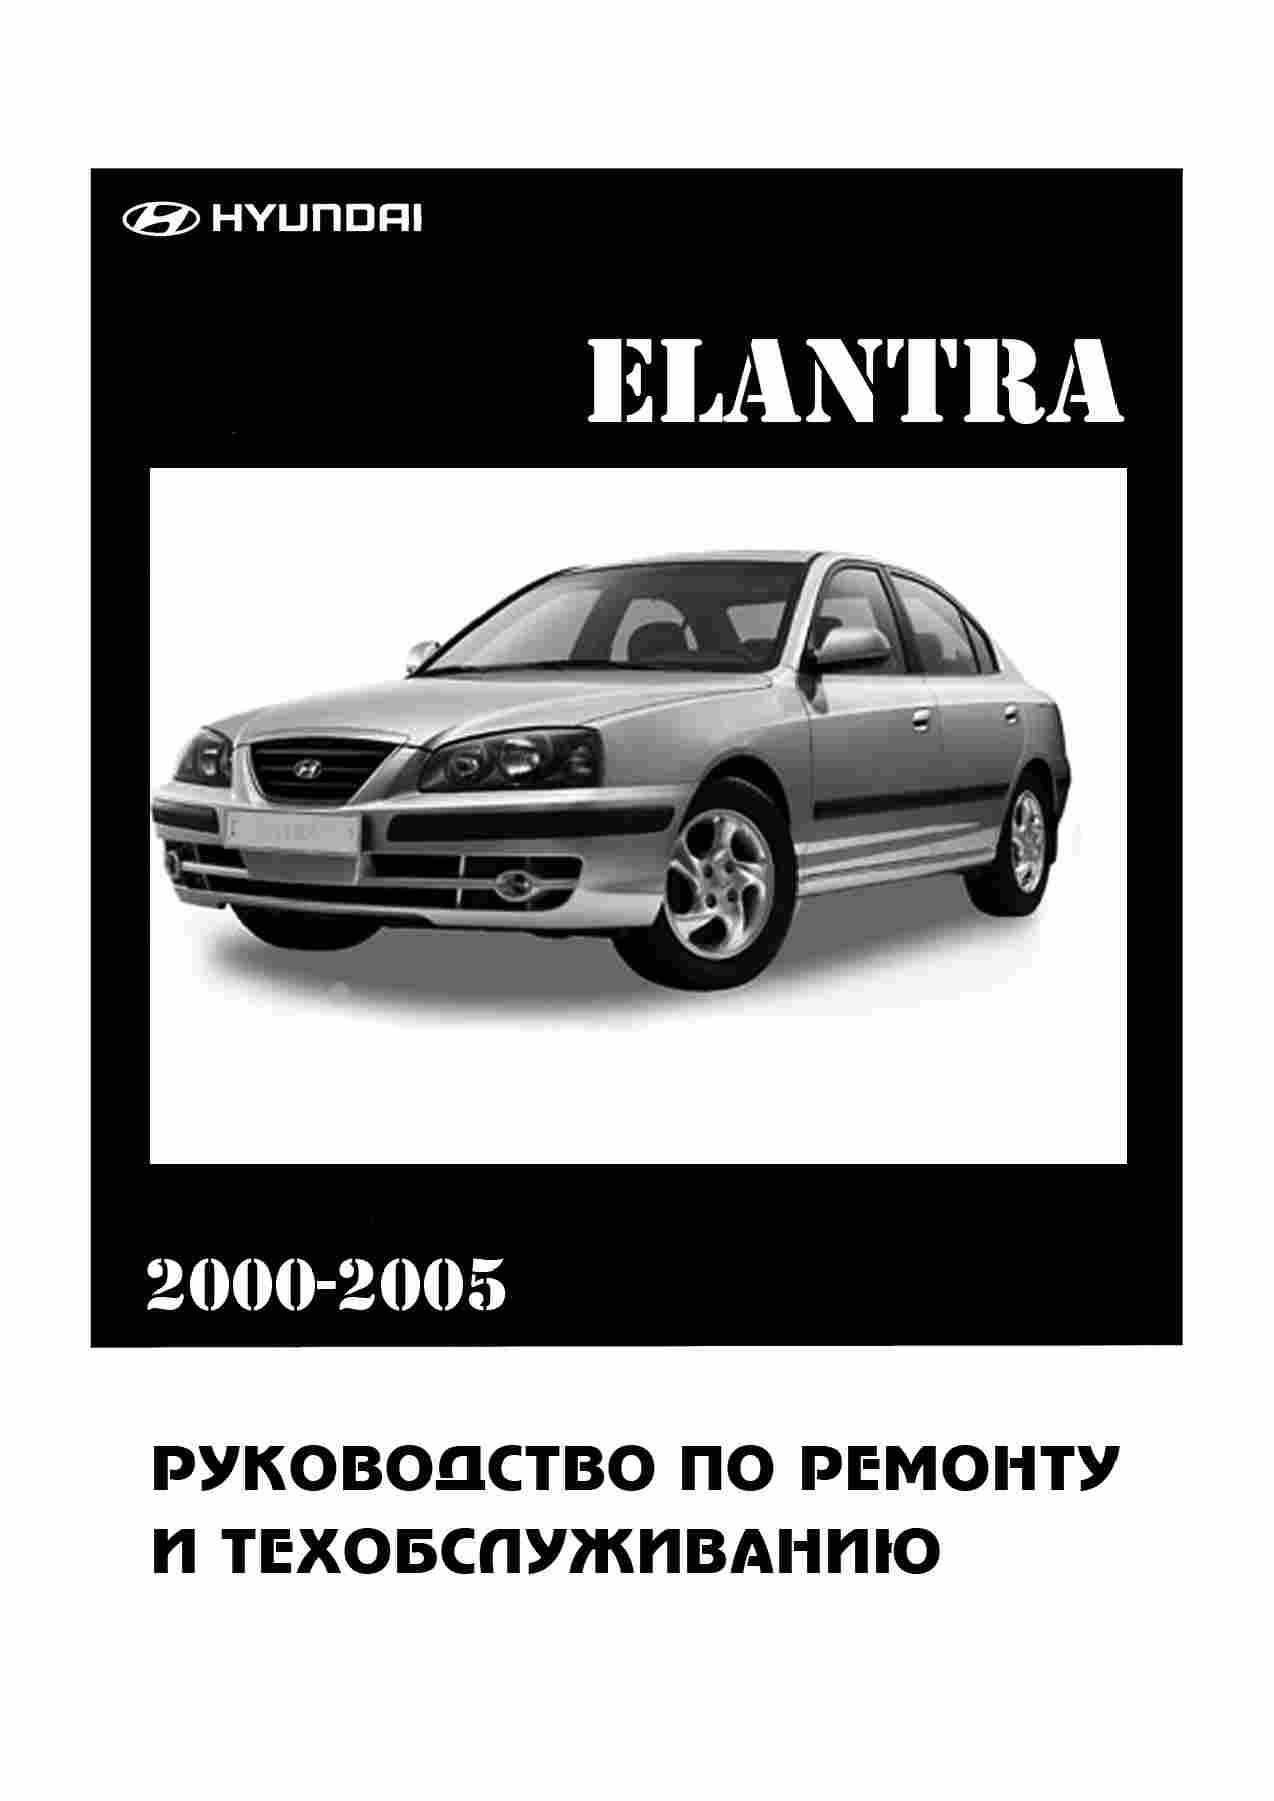 Hyundai Elantra XD Руководство по ремонту и техническому обслуживанию обложка